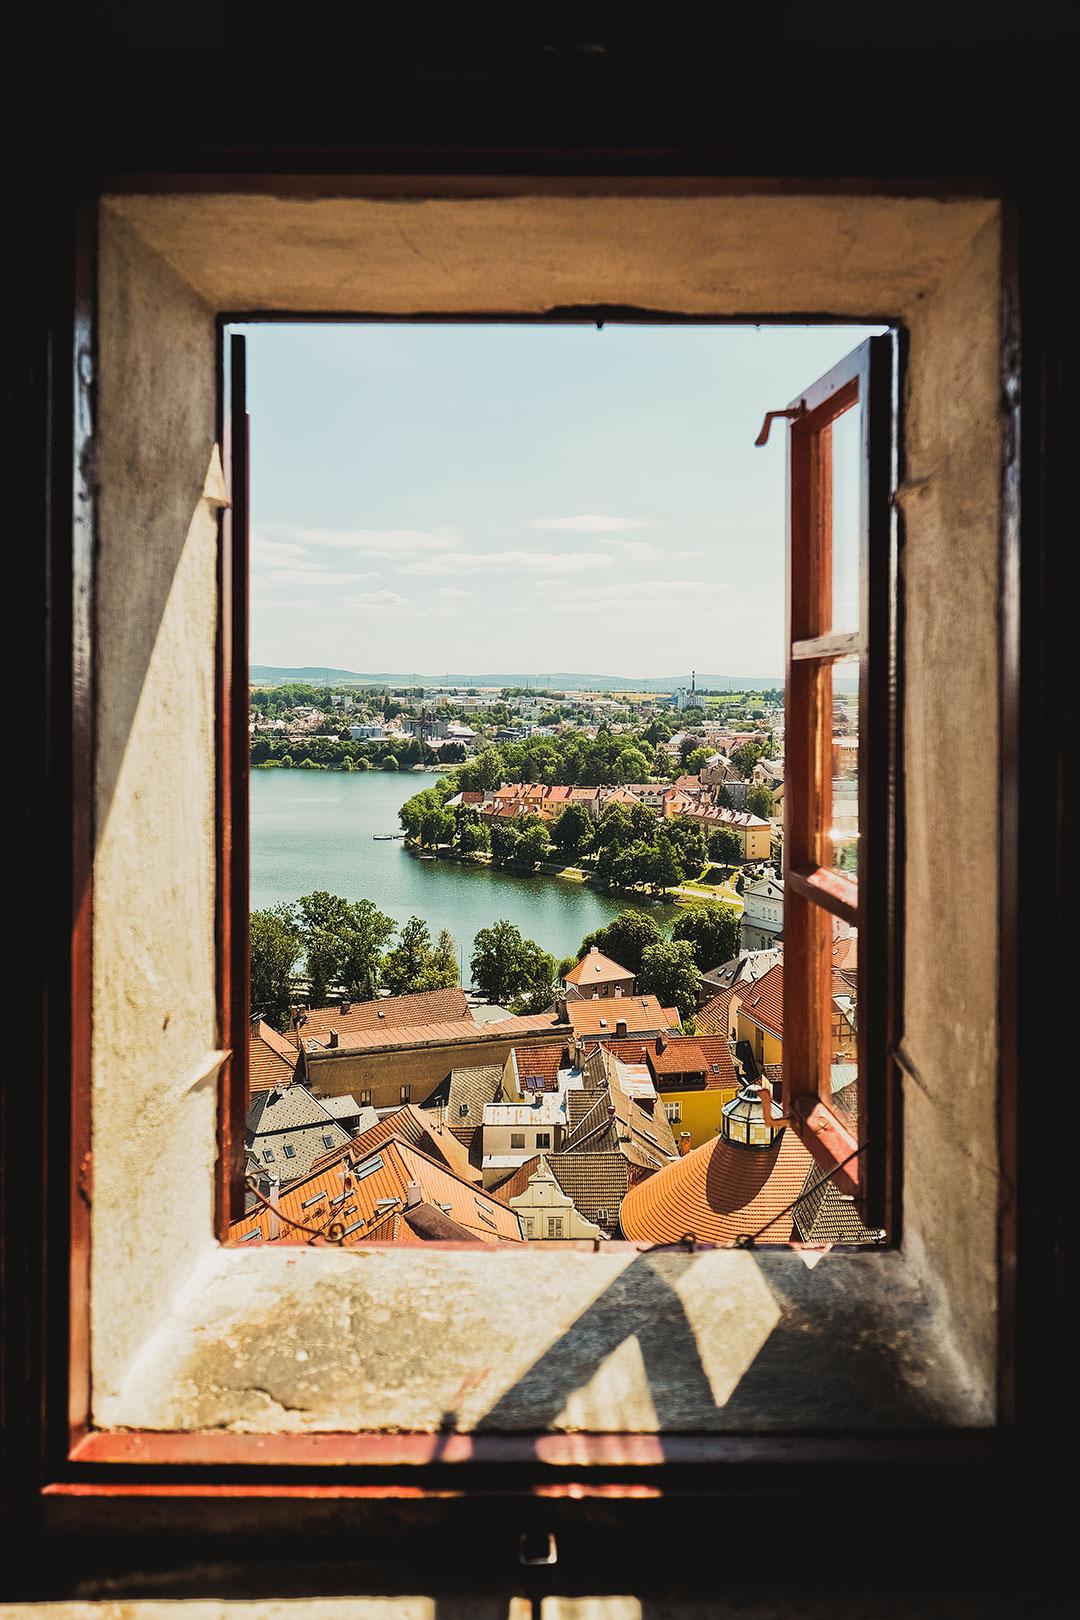 Tabor Czech + 9 Cities Near Prague You Must Visit